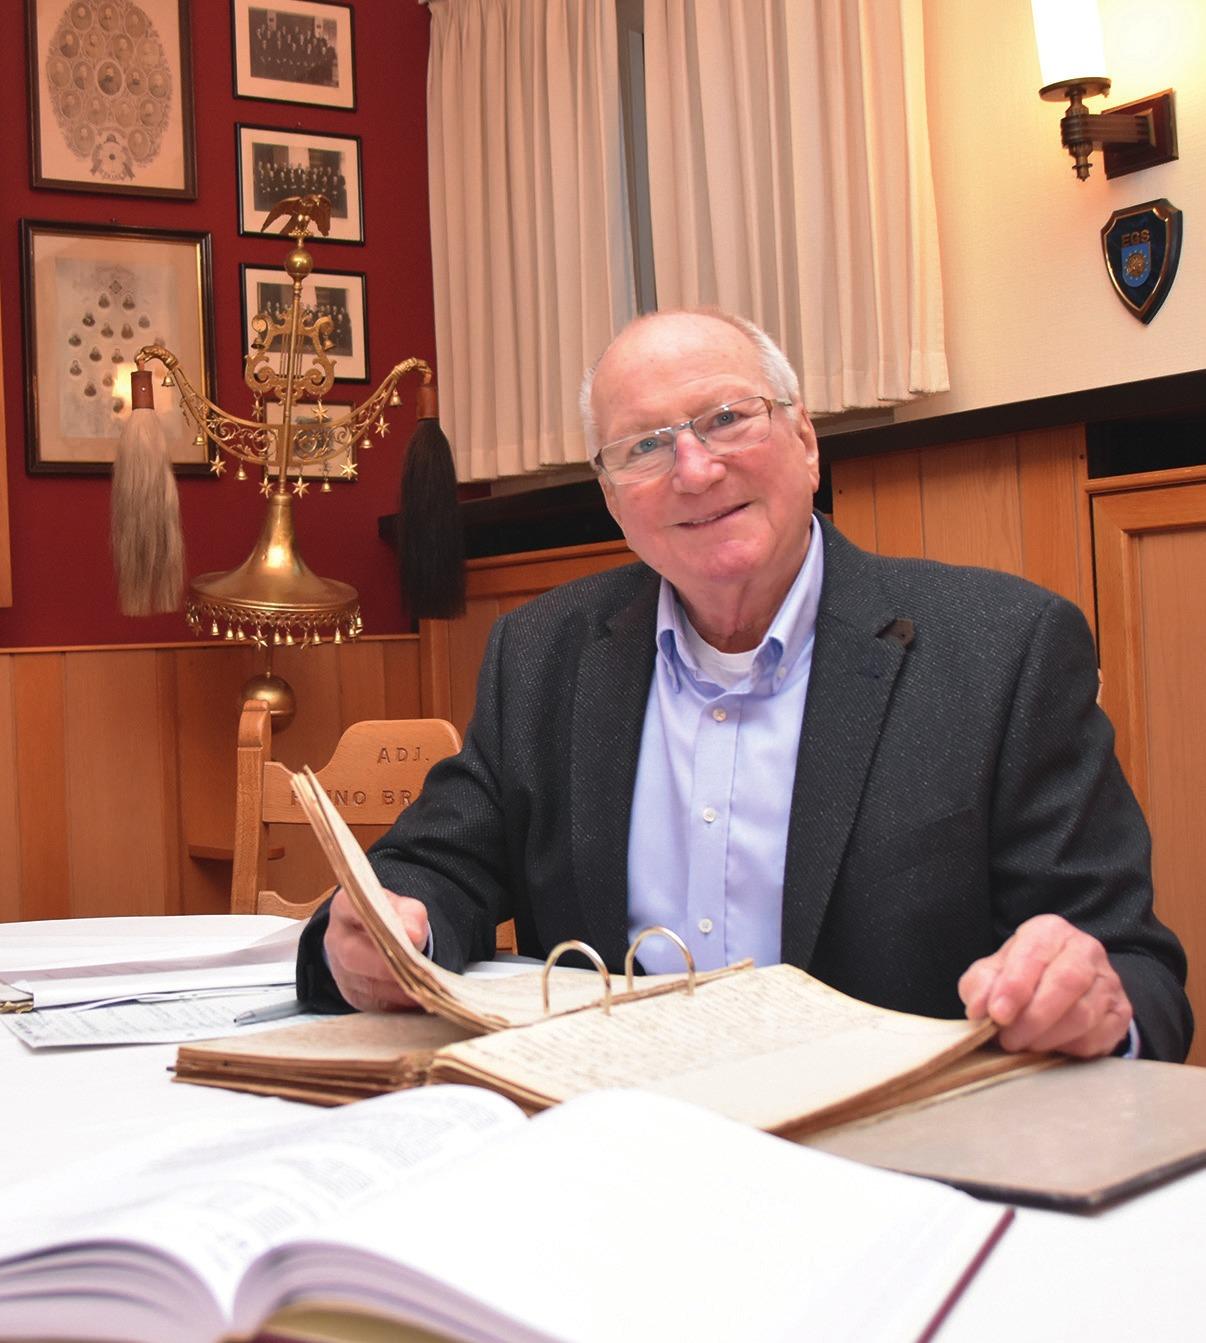 Gilde-Archivar Dr. Gerhard Rauls beim Stöbern in historischen Akten im Traditionsraum des Collegiums.